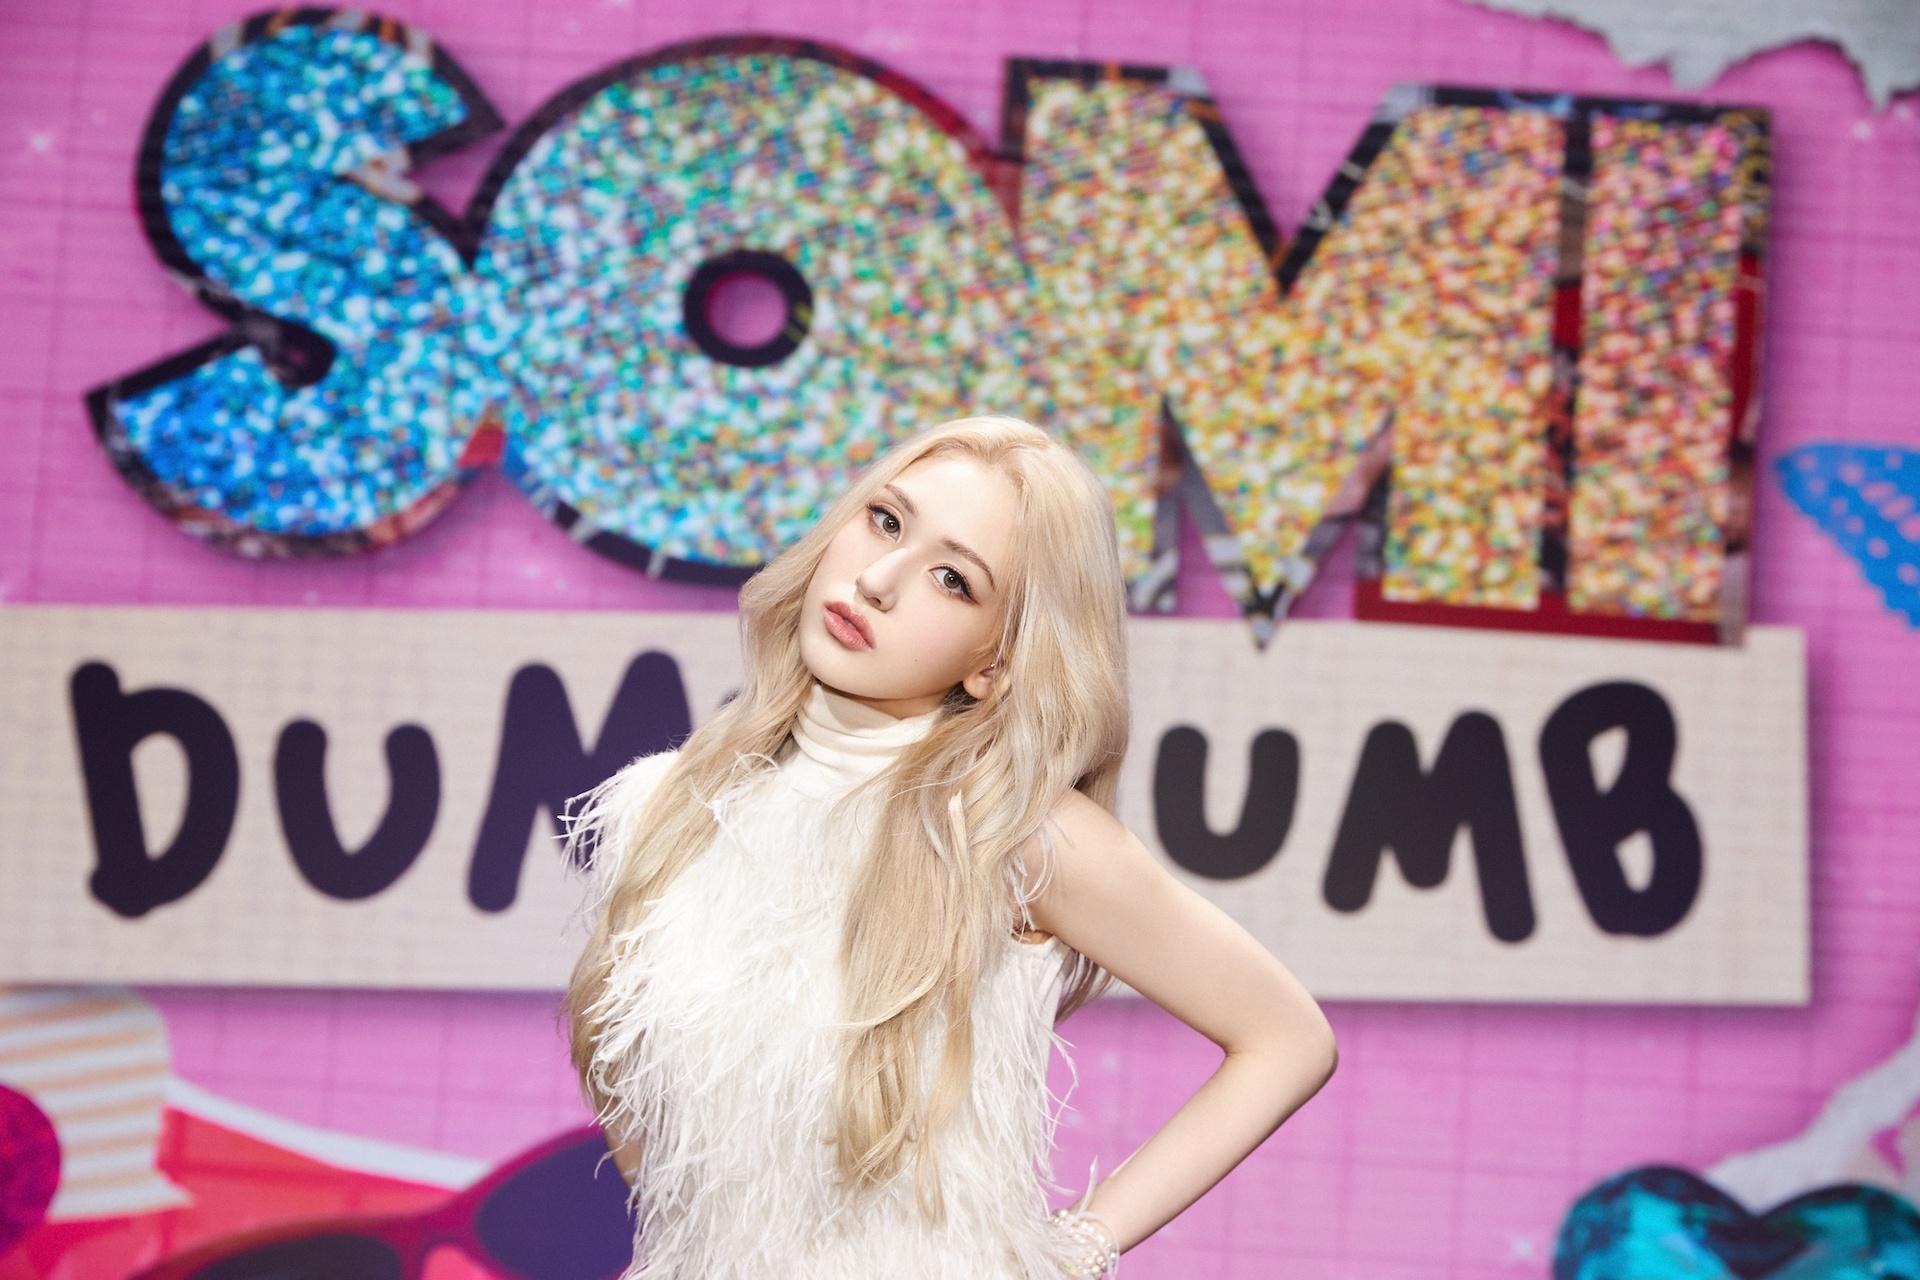 'Bông hồng lai' Kpop Jeon Somi gửi lời chào bằng tiếng Việt